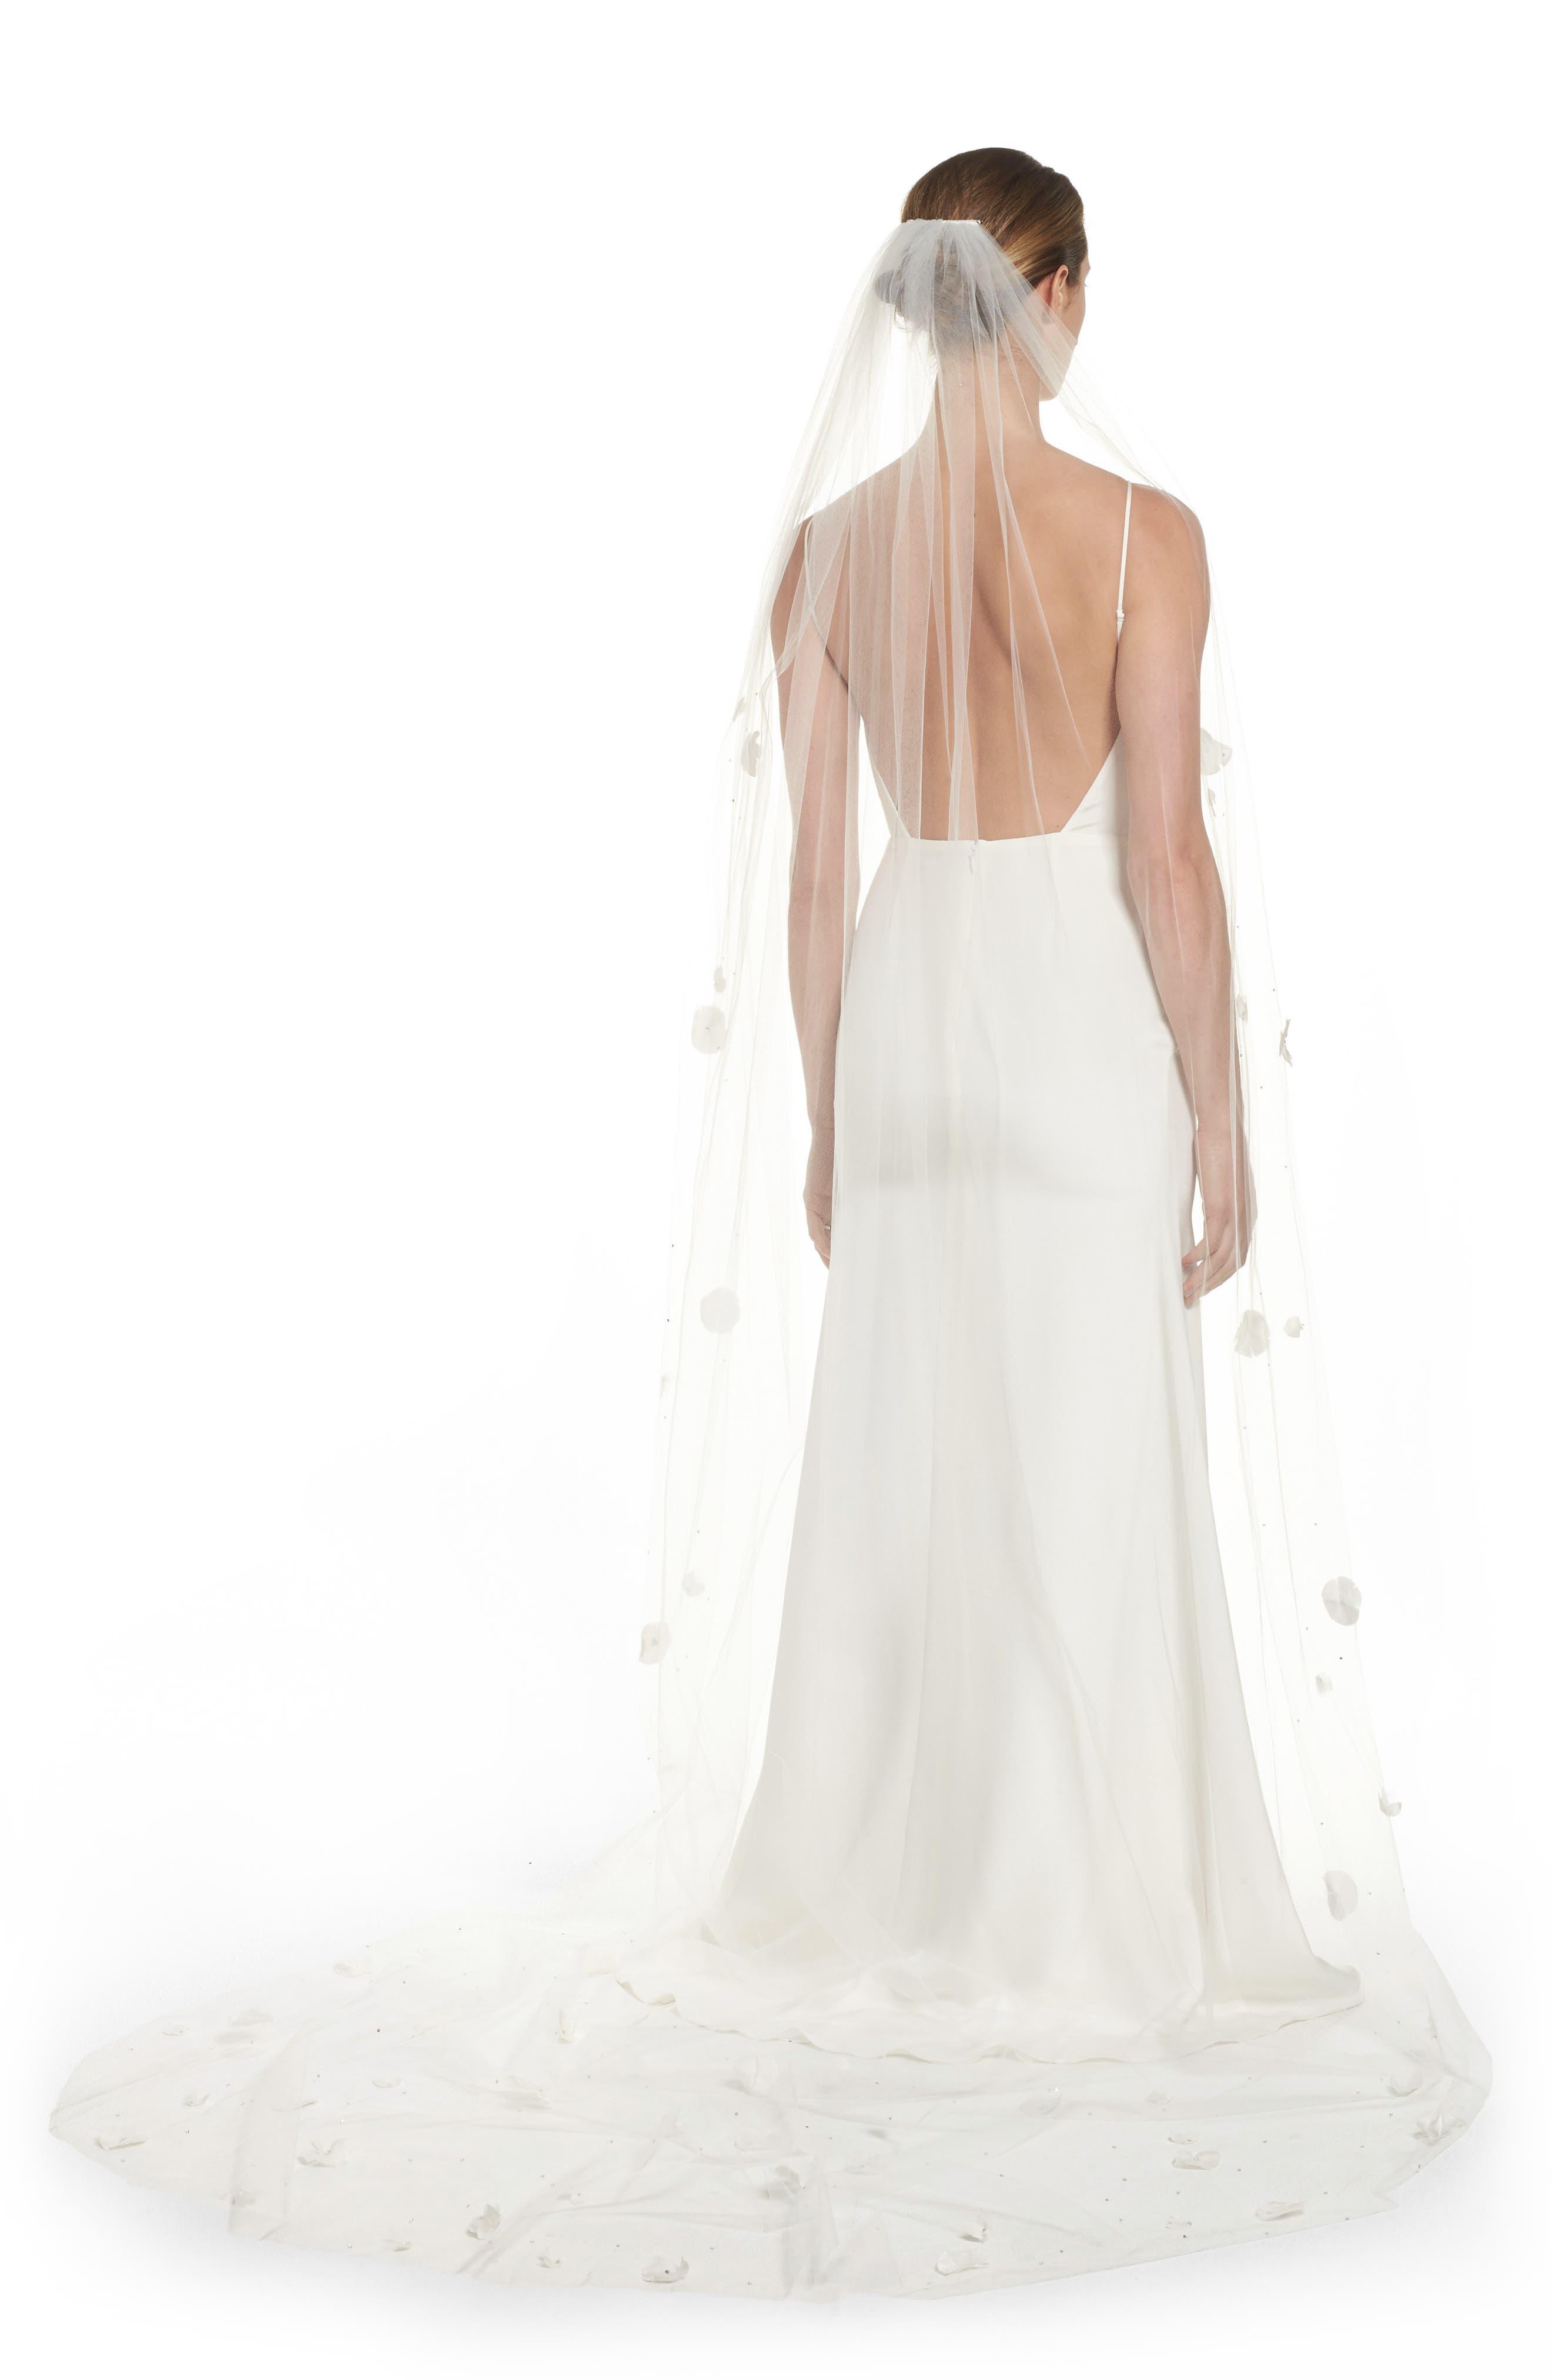 VEIL TRENDS Fleet Embellished Bridal Veil